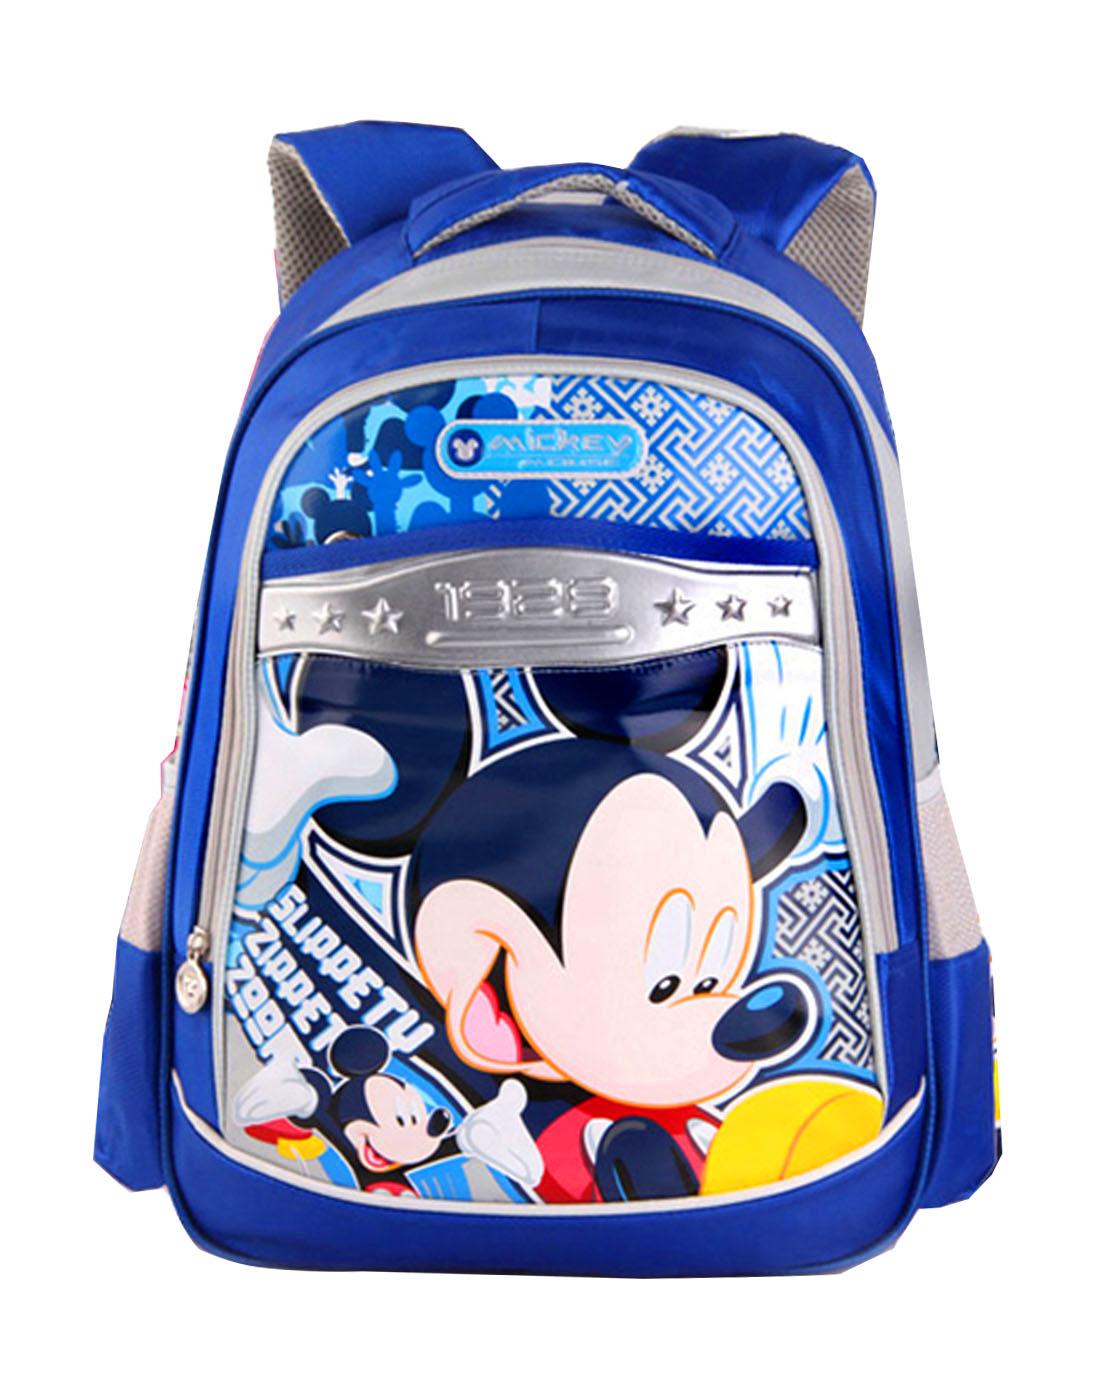 迪士尼disney儿童用品专场中性宝蓝色米奇卡通双肩包